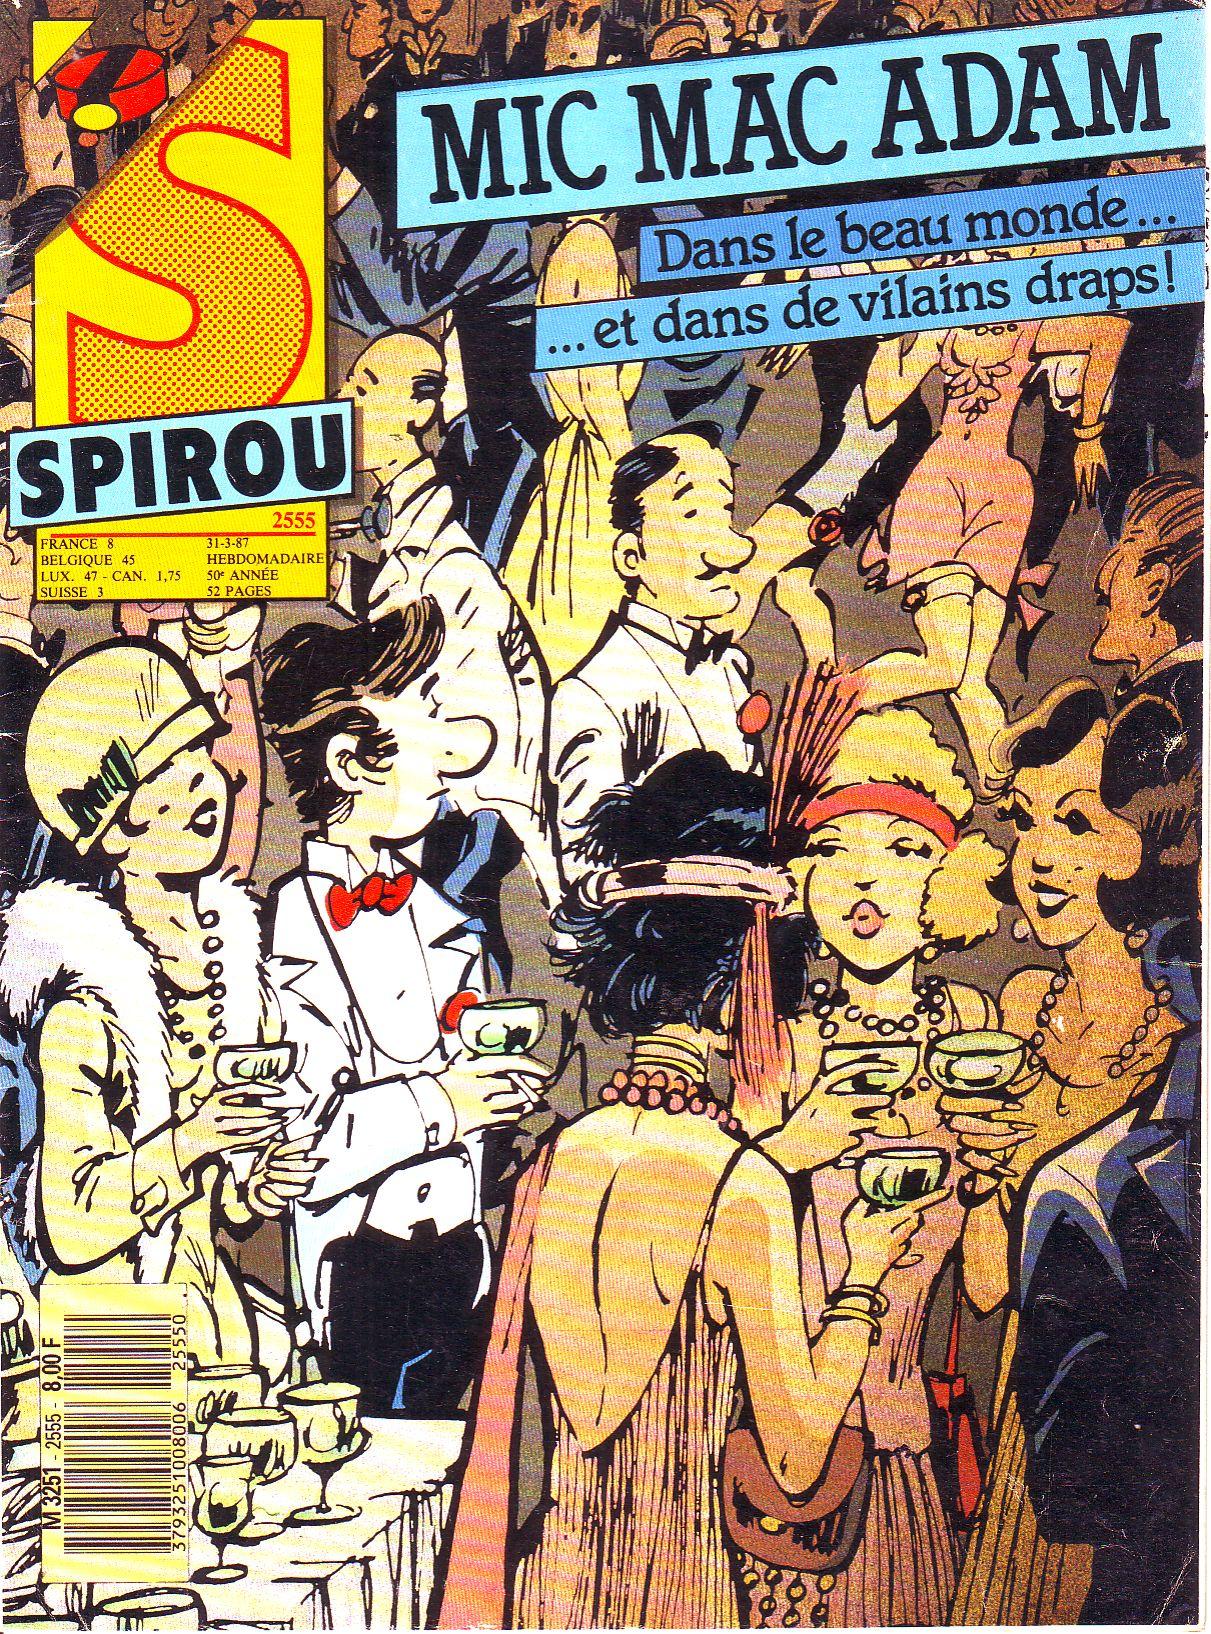 Le journal de Spirou 2555